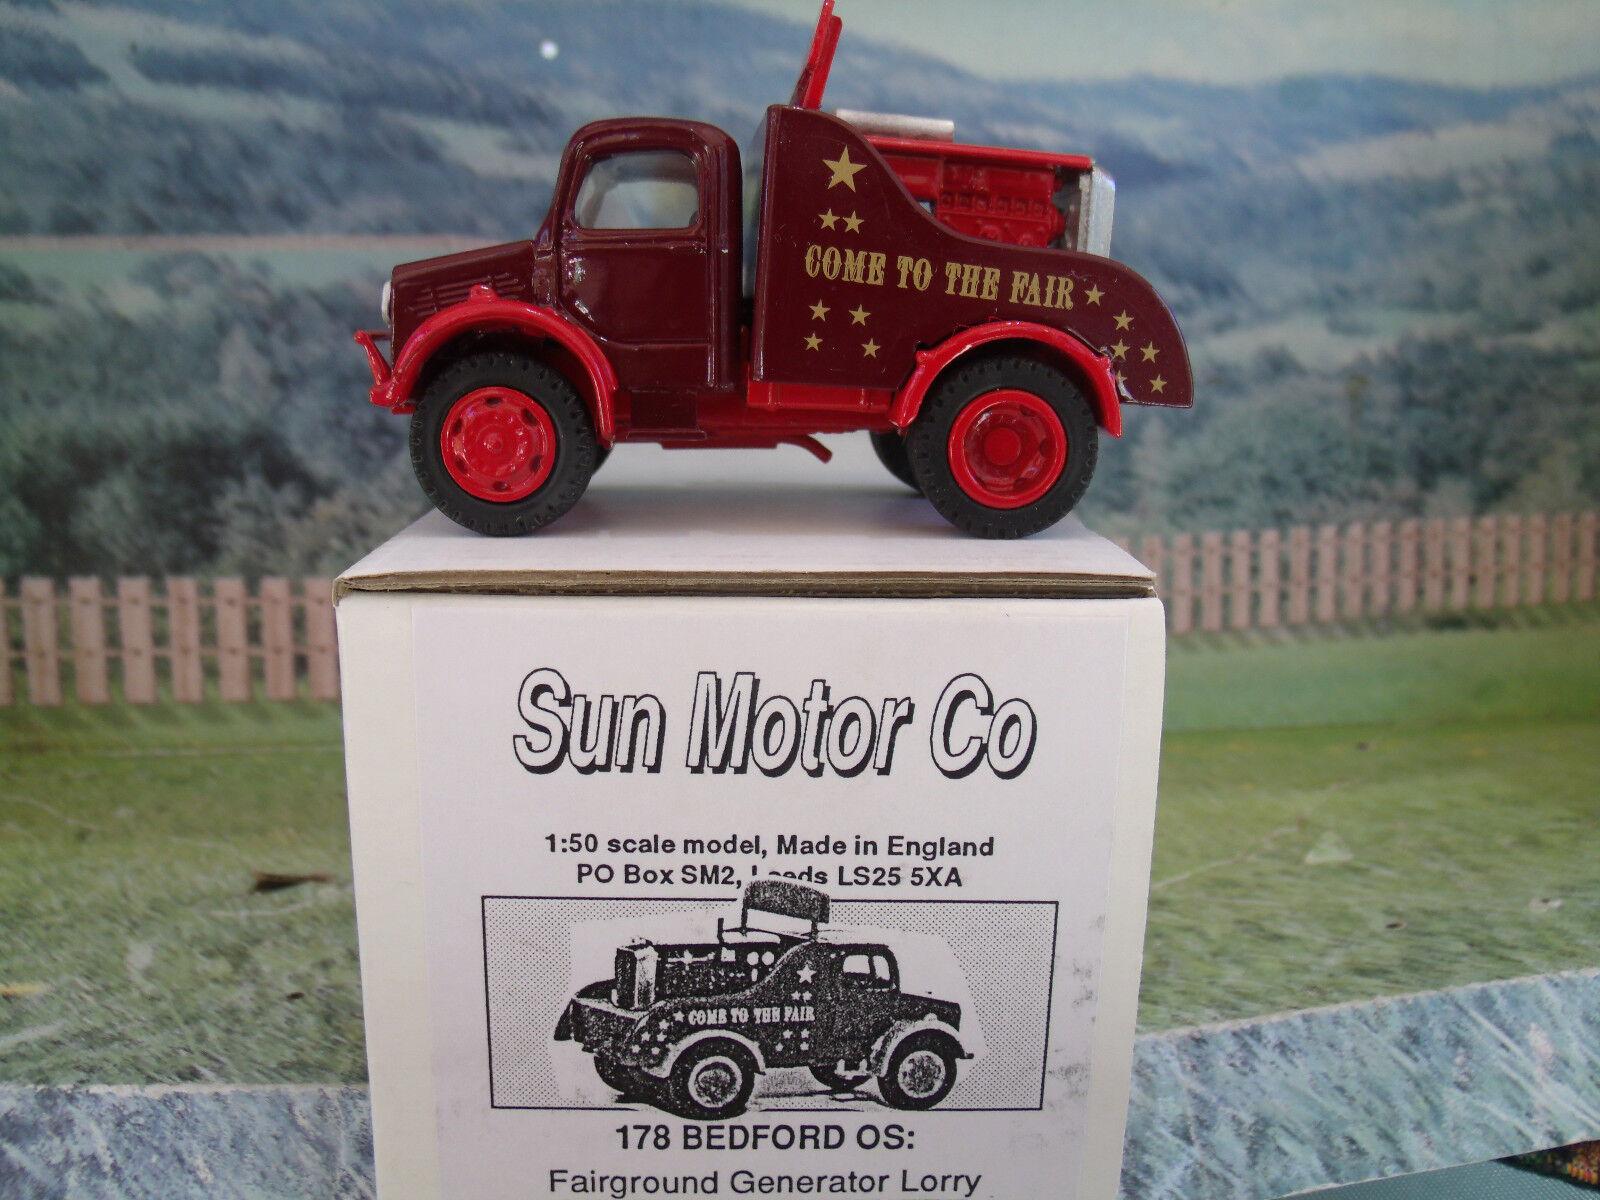 1 50 SUN MOTOR Co (England)  178 Bedford OS Come to the Fair , handbult  model